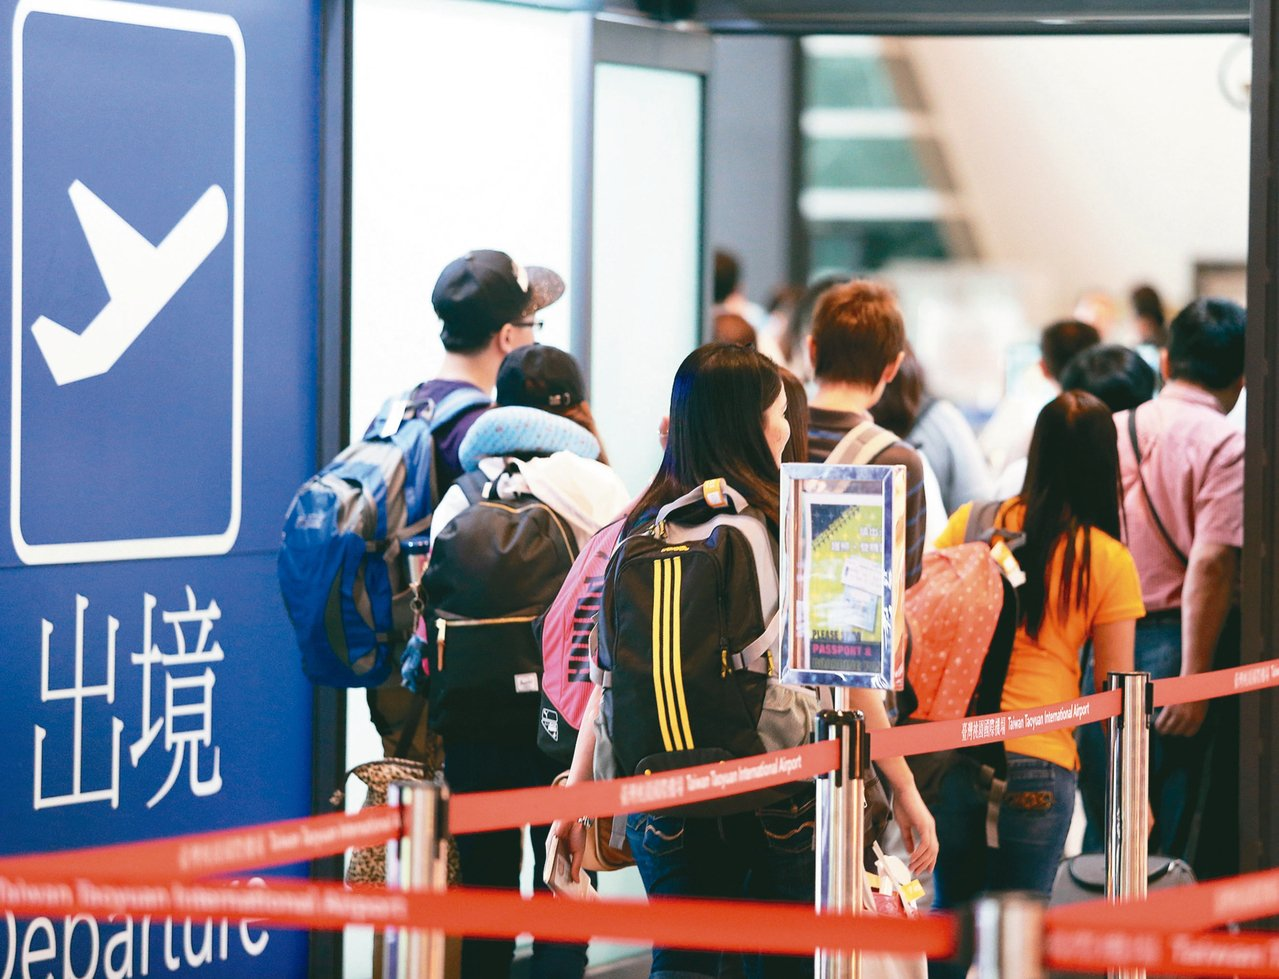 蔡政府升高對軍人、政務官和公務員赴大陸的管制要求。圖為桃園機場第一航廈出國旅客。...